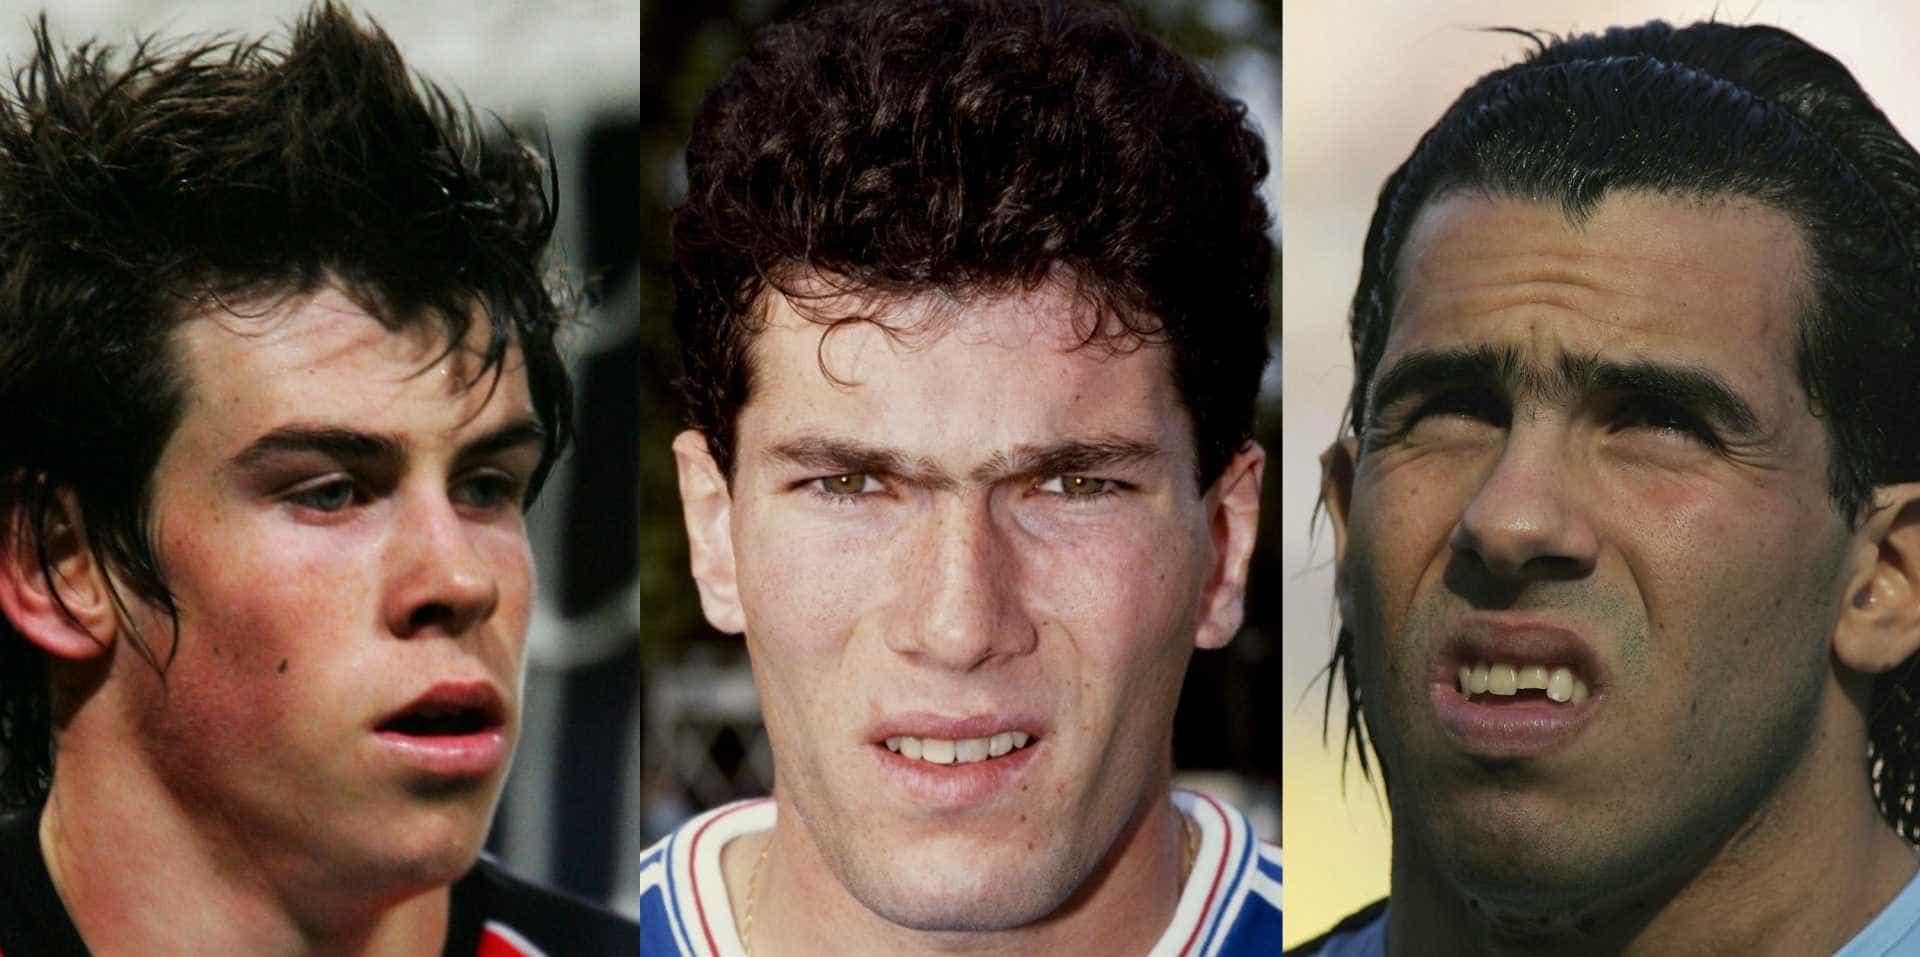 Veja o antes e depois dos jogadores mais emblemáticos do futebol